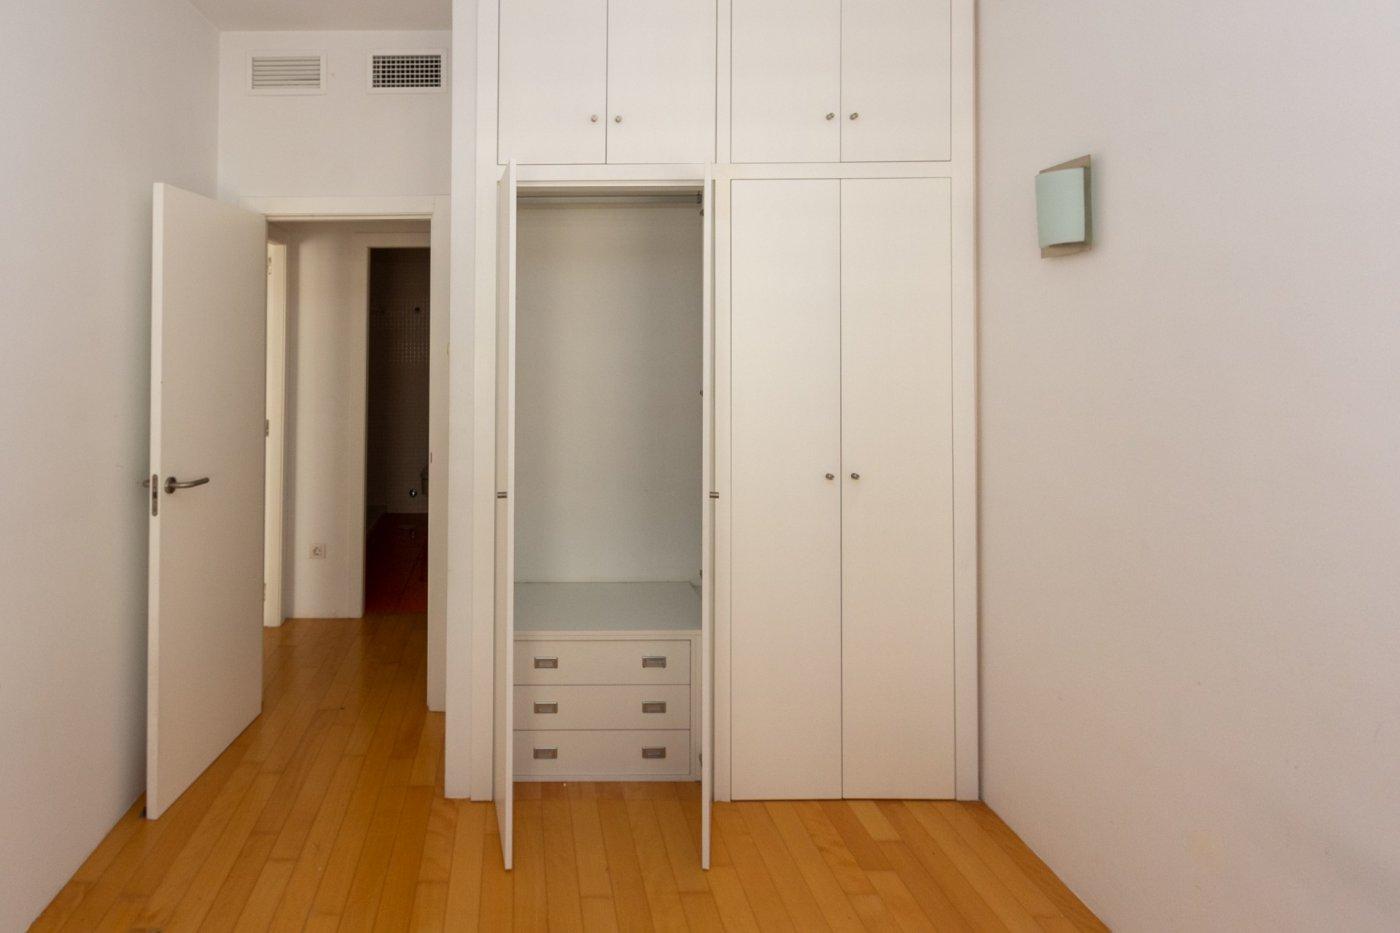 Piso de dos dormitorios de reciente construcción en zona centro de castalla - imagenInmueble7